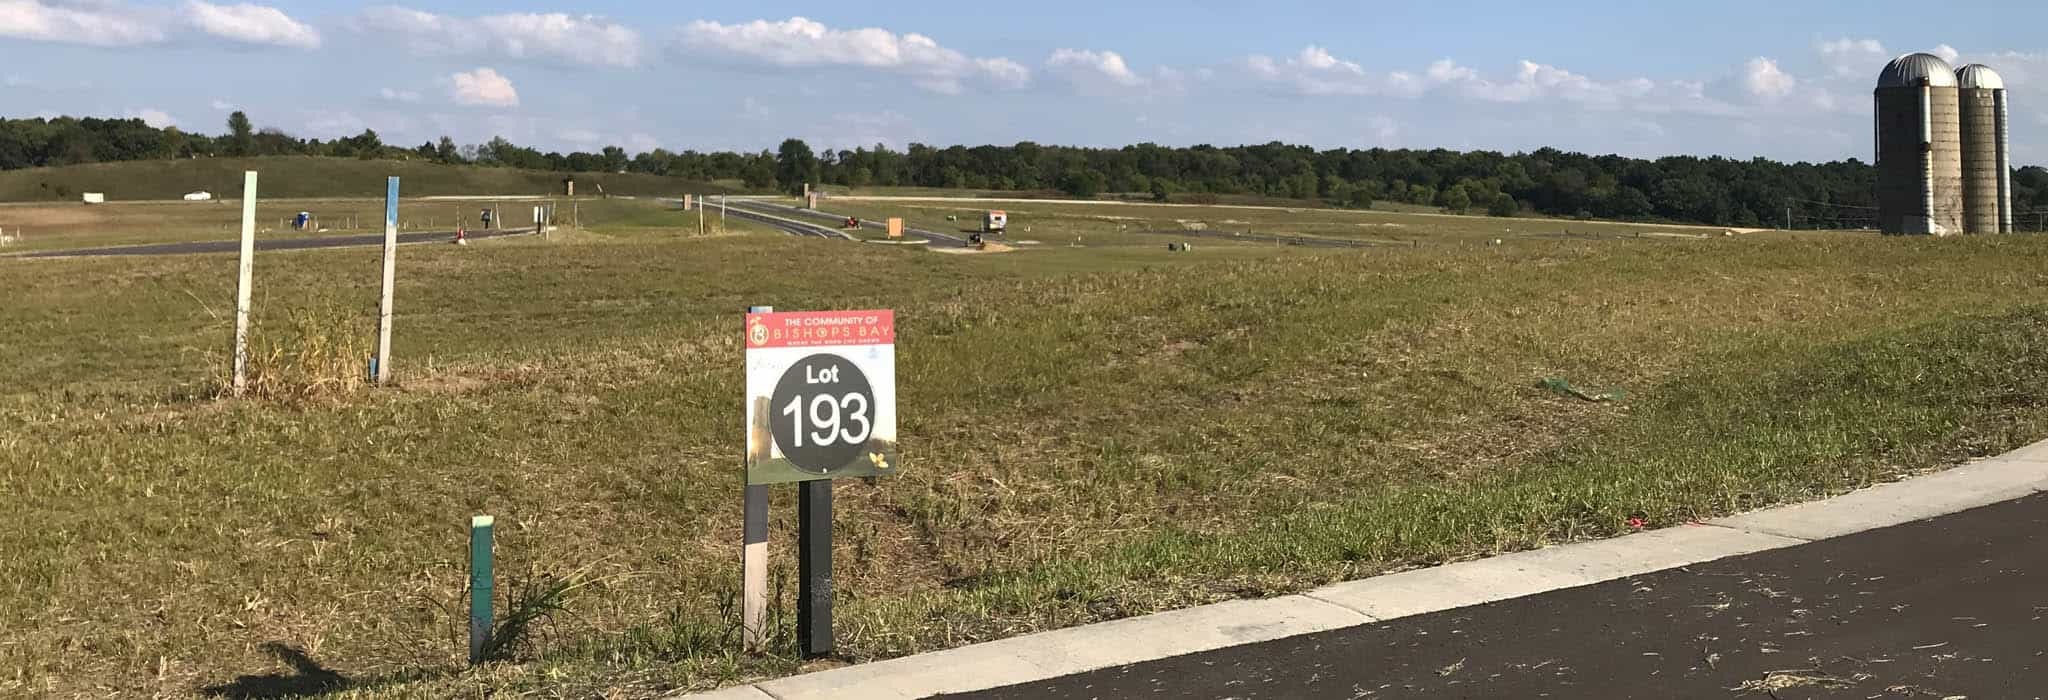 Farm Lot 193